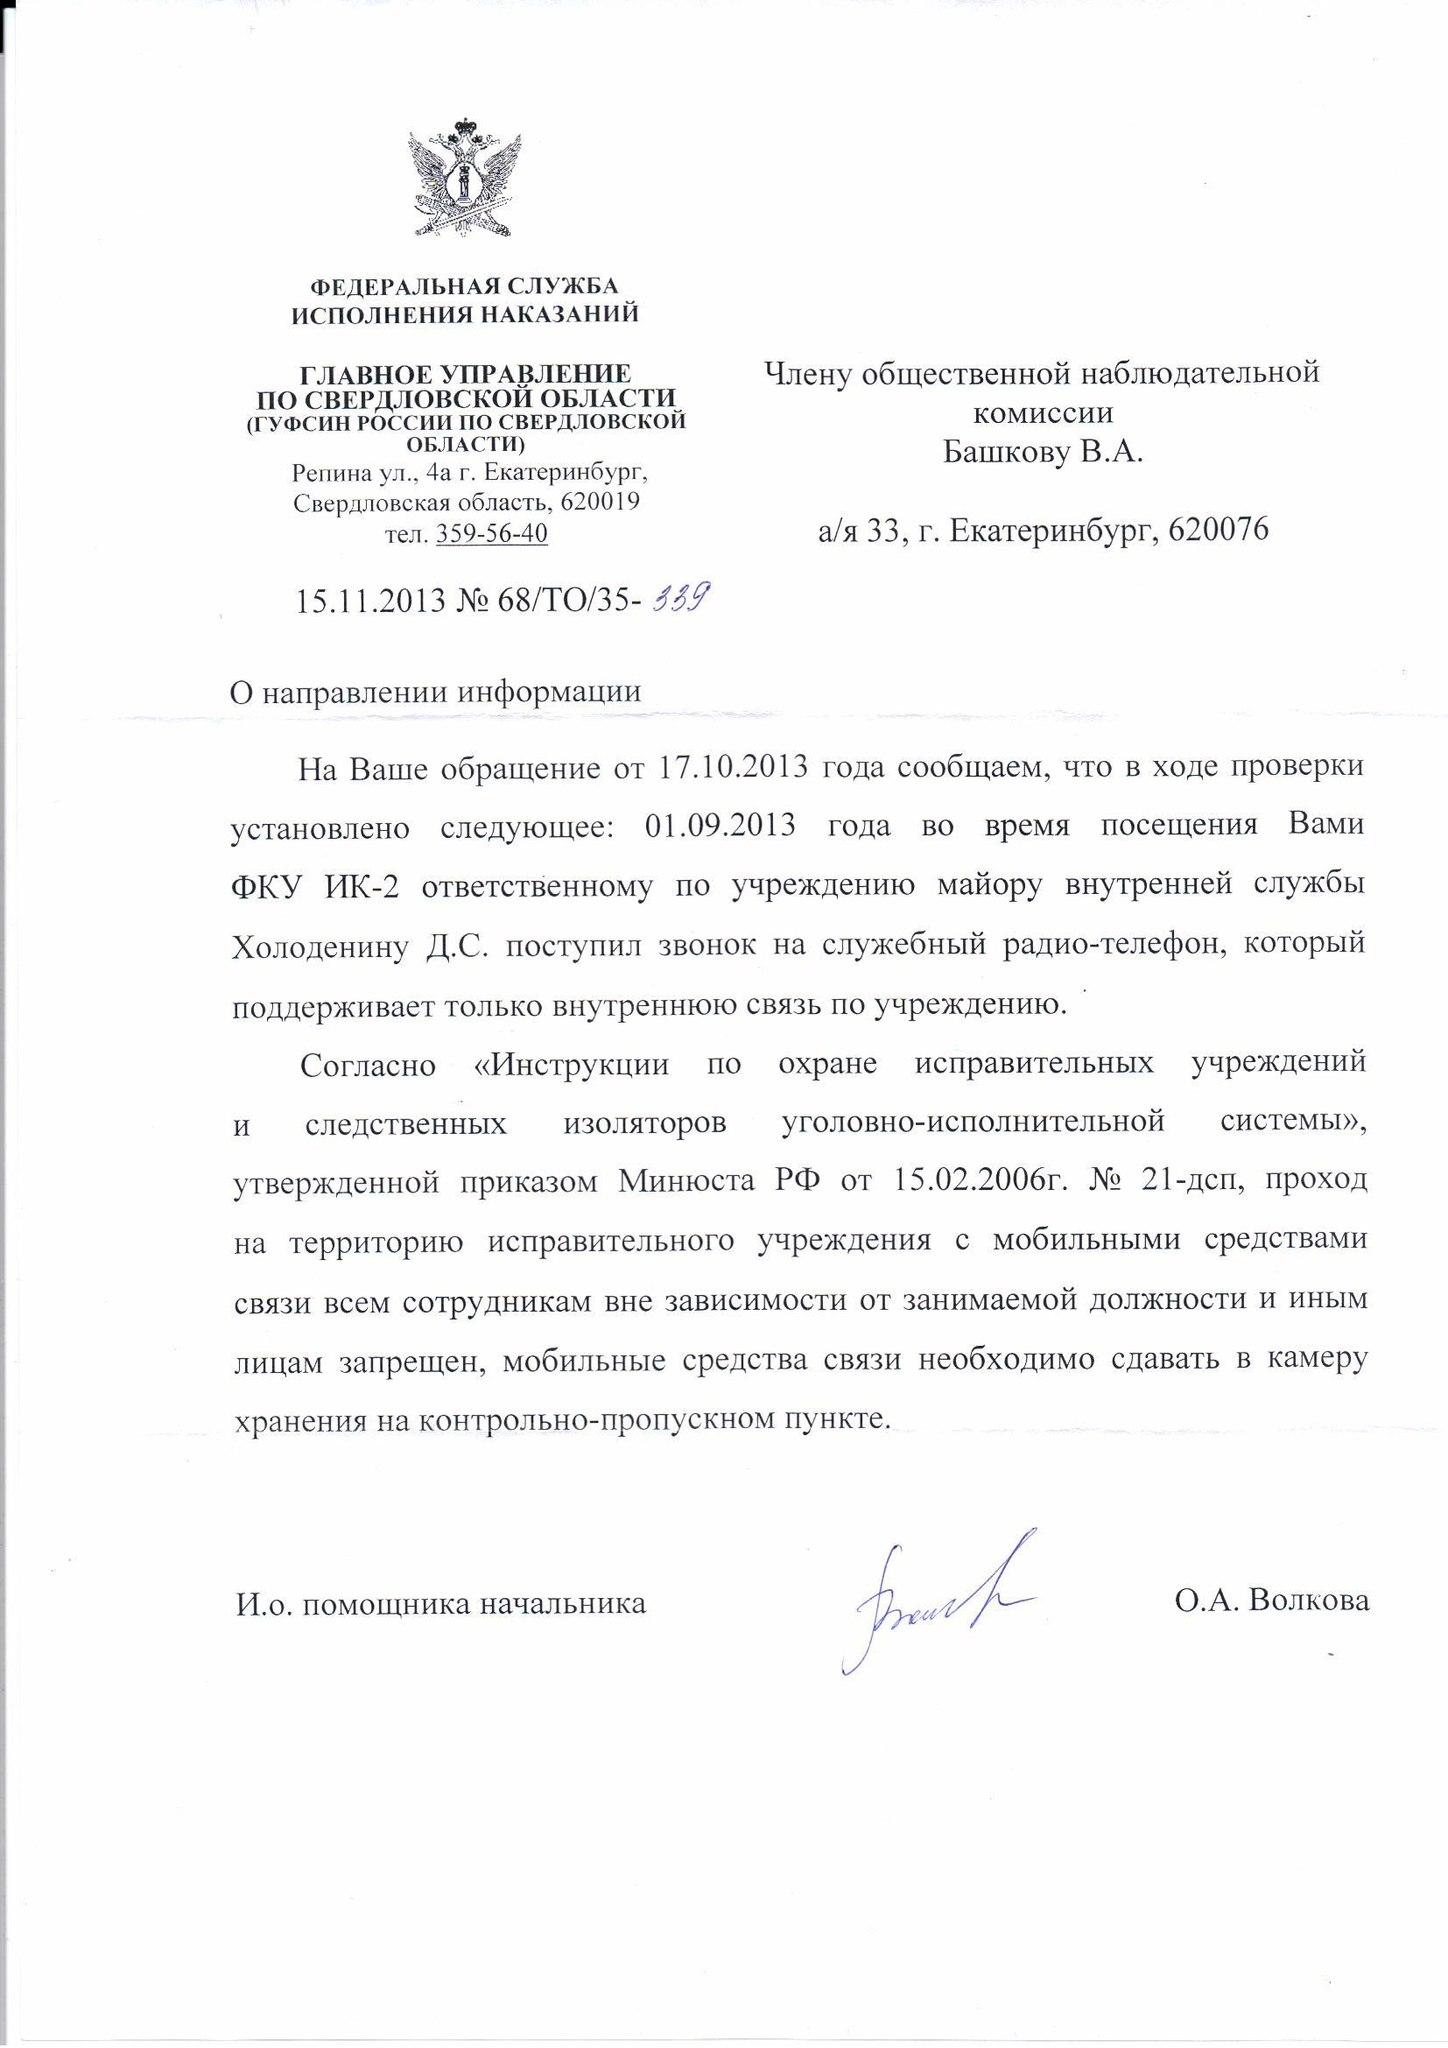 Приказ Минюста № 161-дсп От 15.08.2007 Г. Инструкция